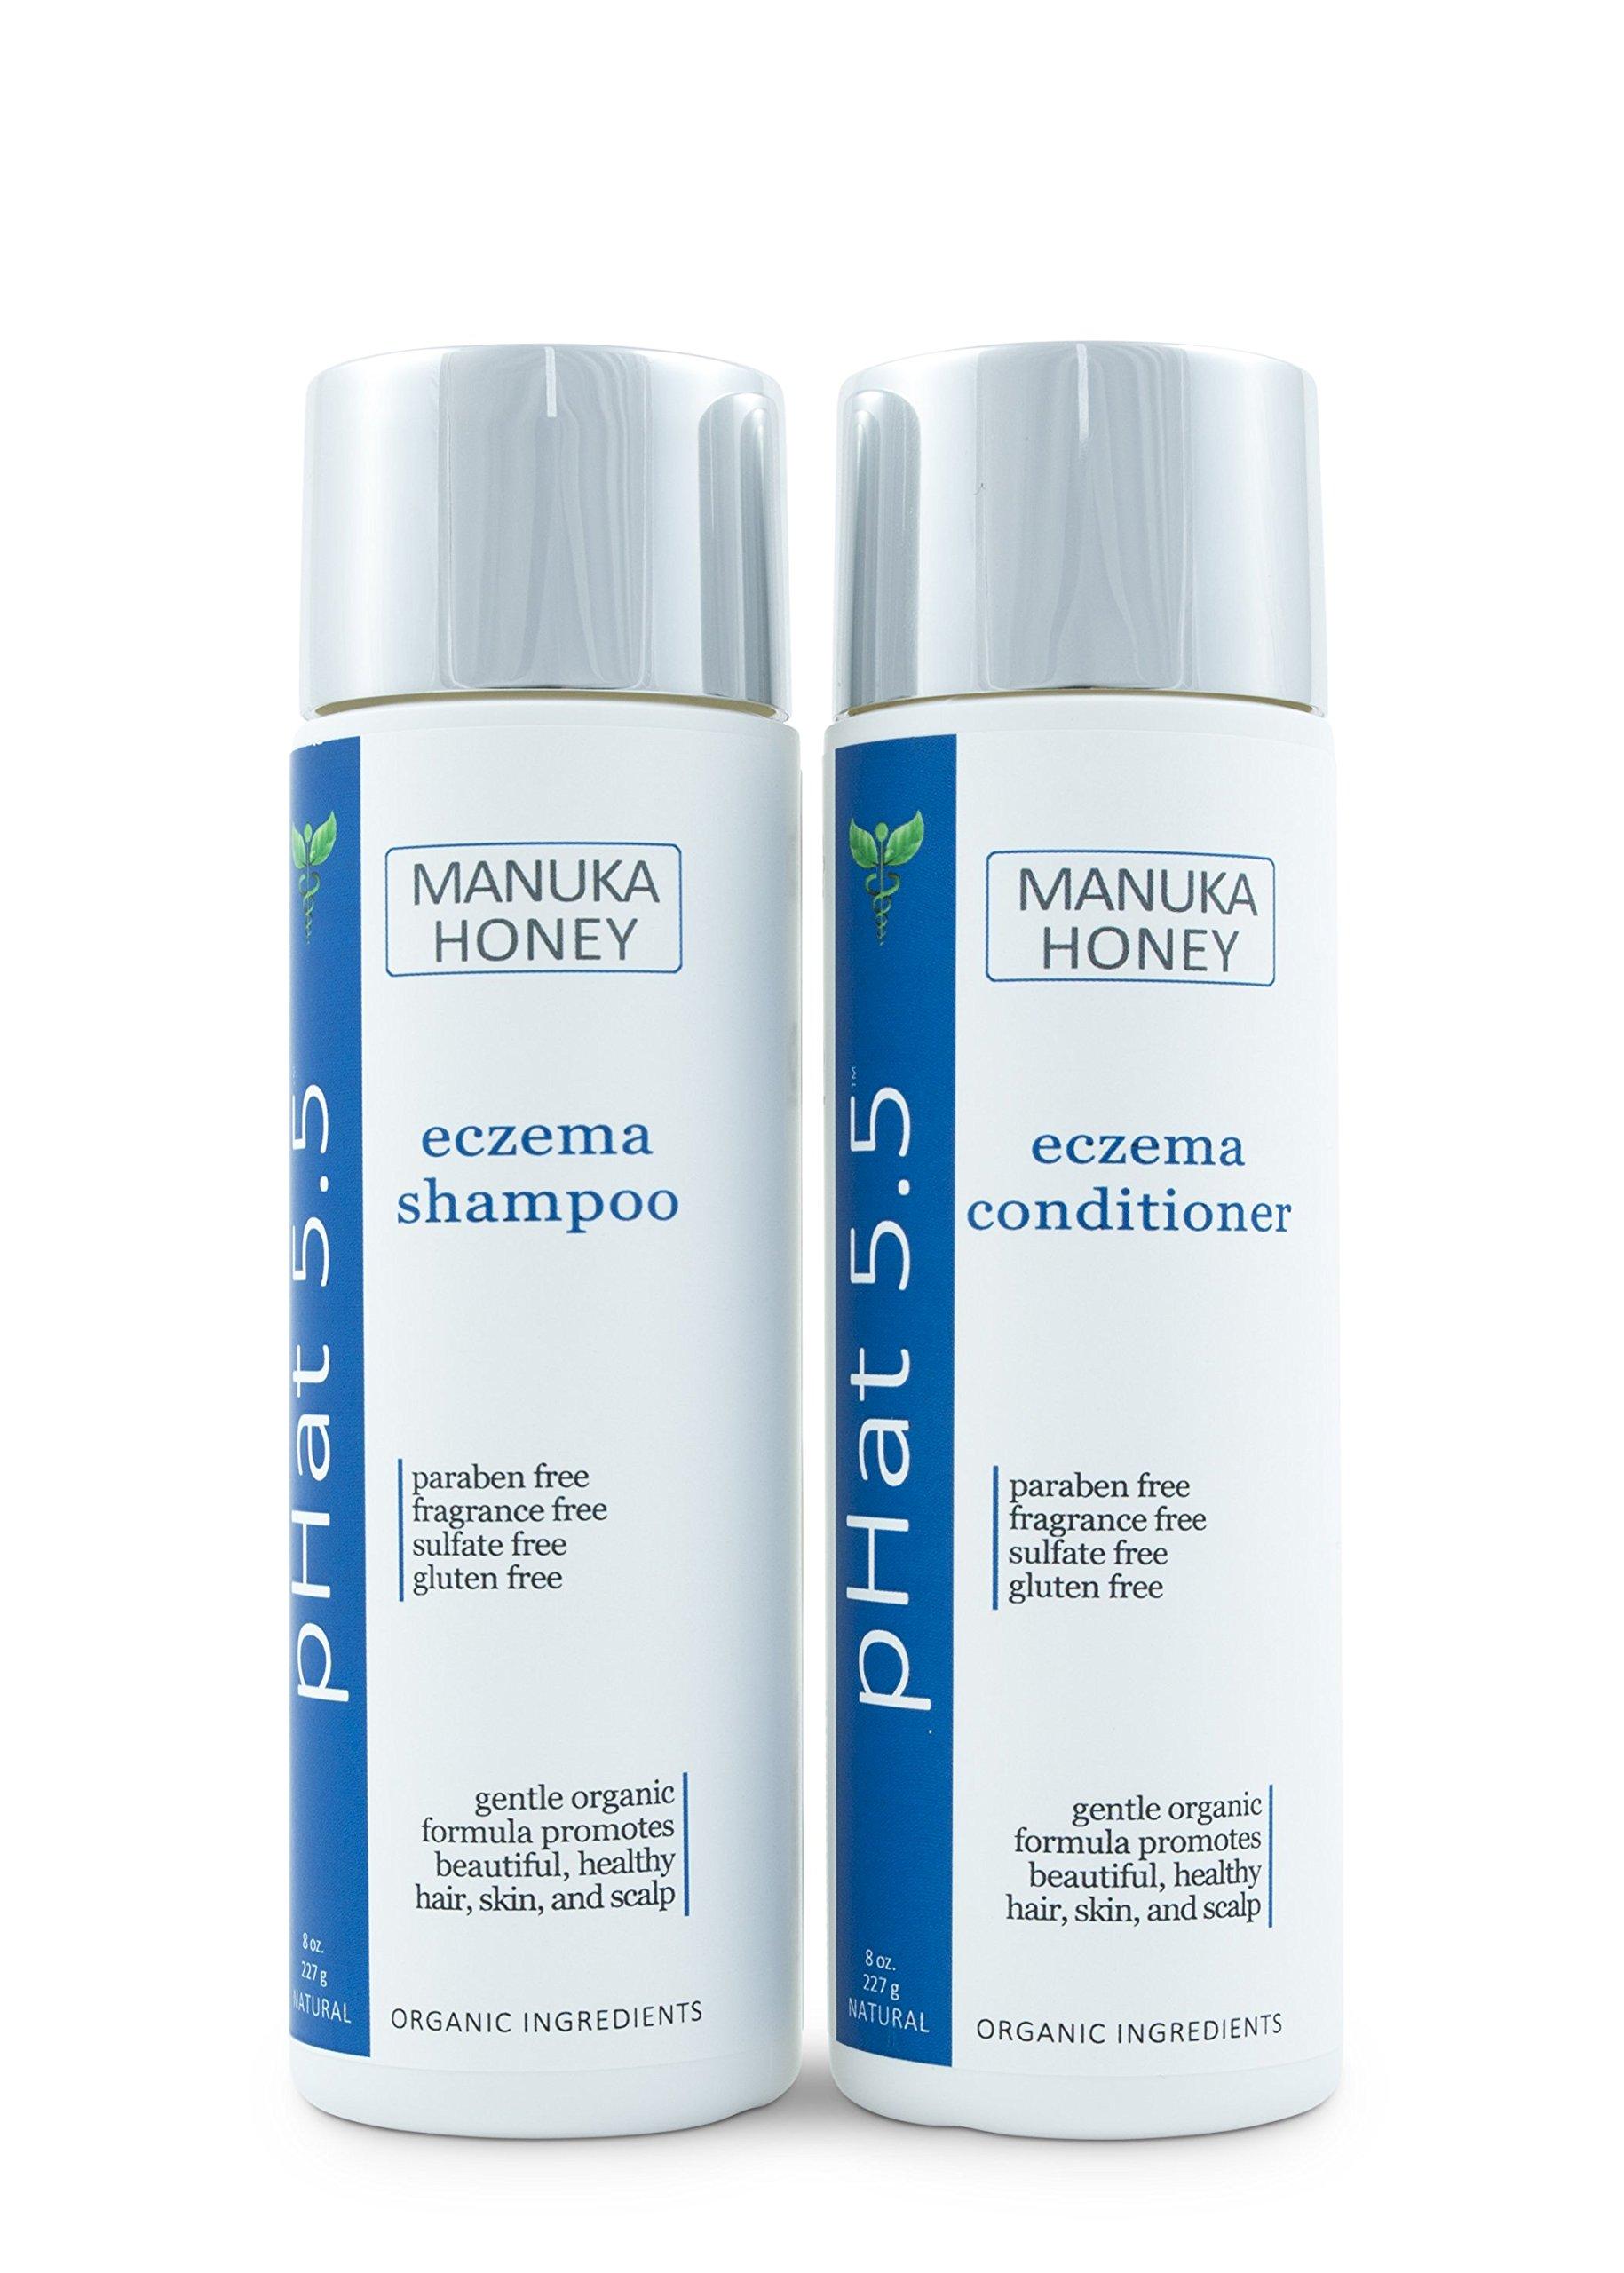 Amazon.com: Eczema Cream Moisturizer for Face Hands & Body